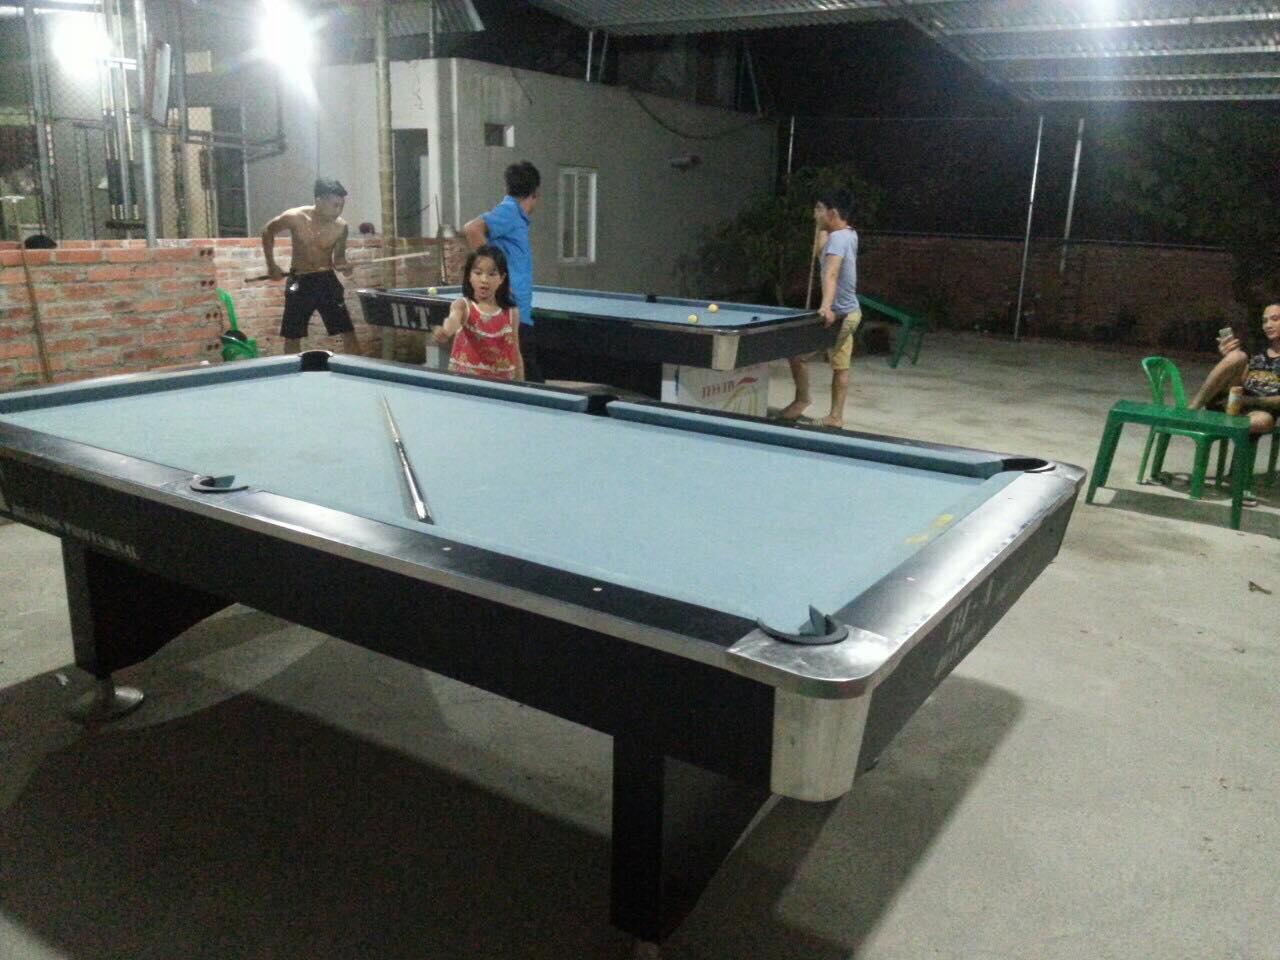 Billiards Hoàn Thuý lắp đặt 2 bàn bi a 9018 Việt Nam tại Bắc Giang ngày 20/7/2018